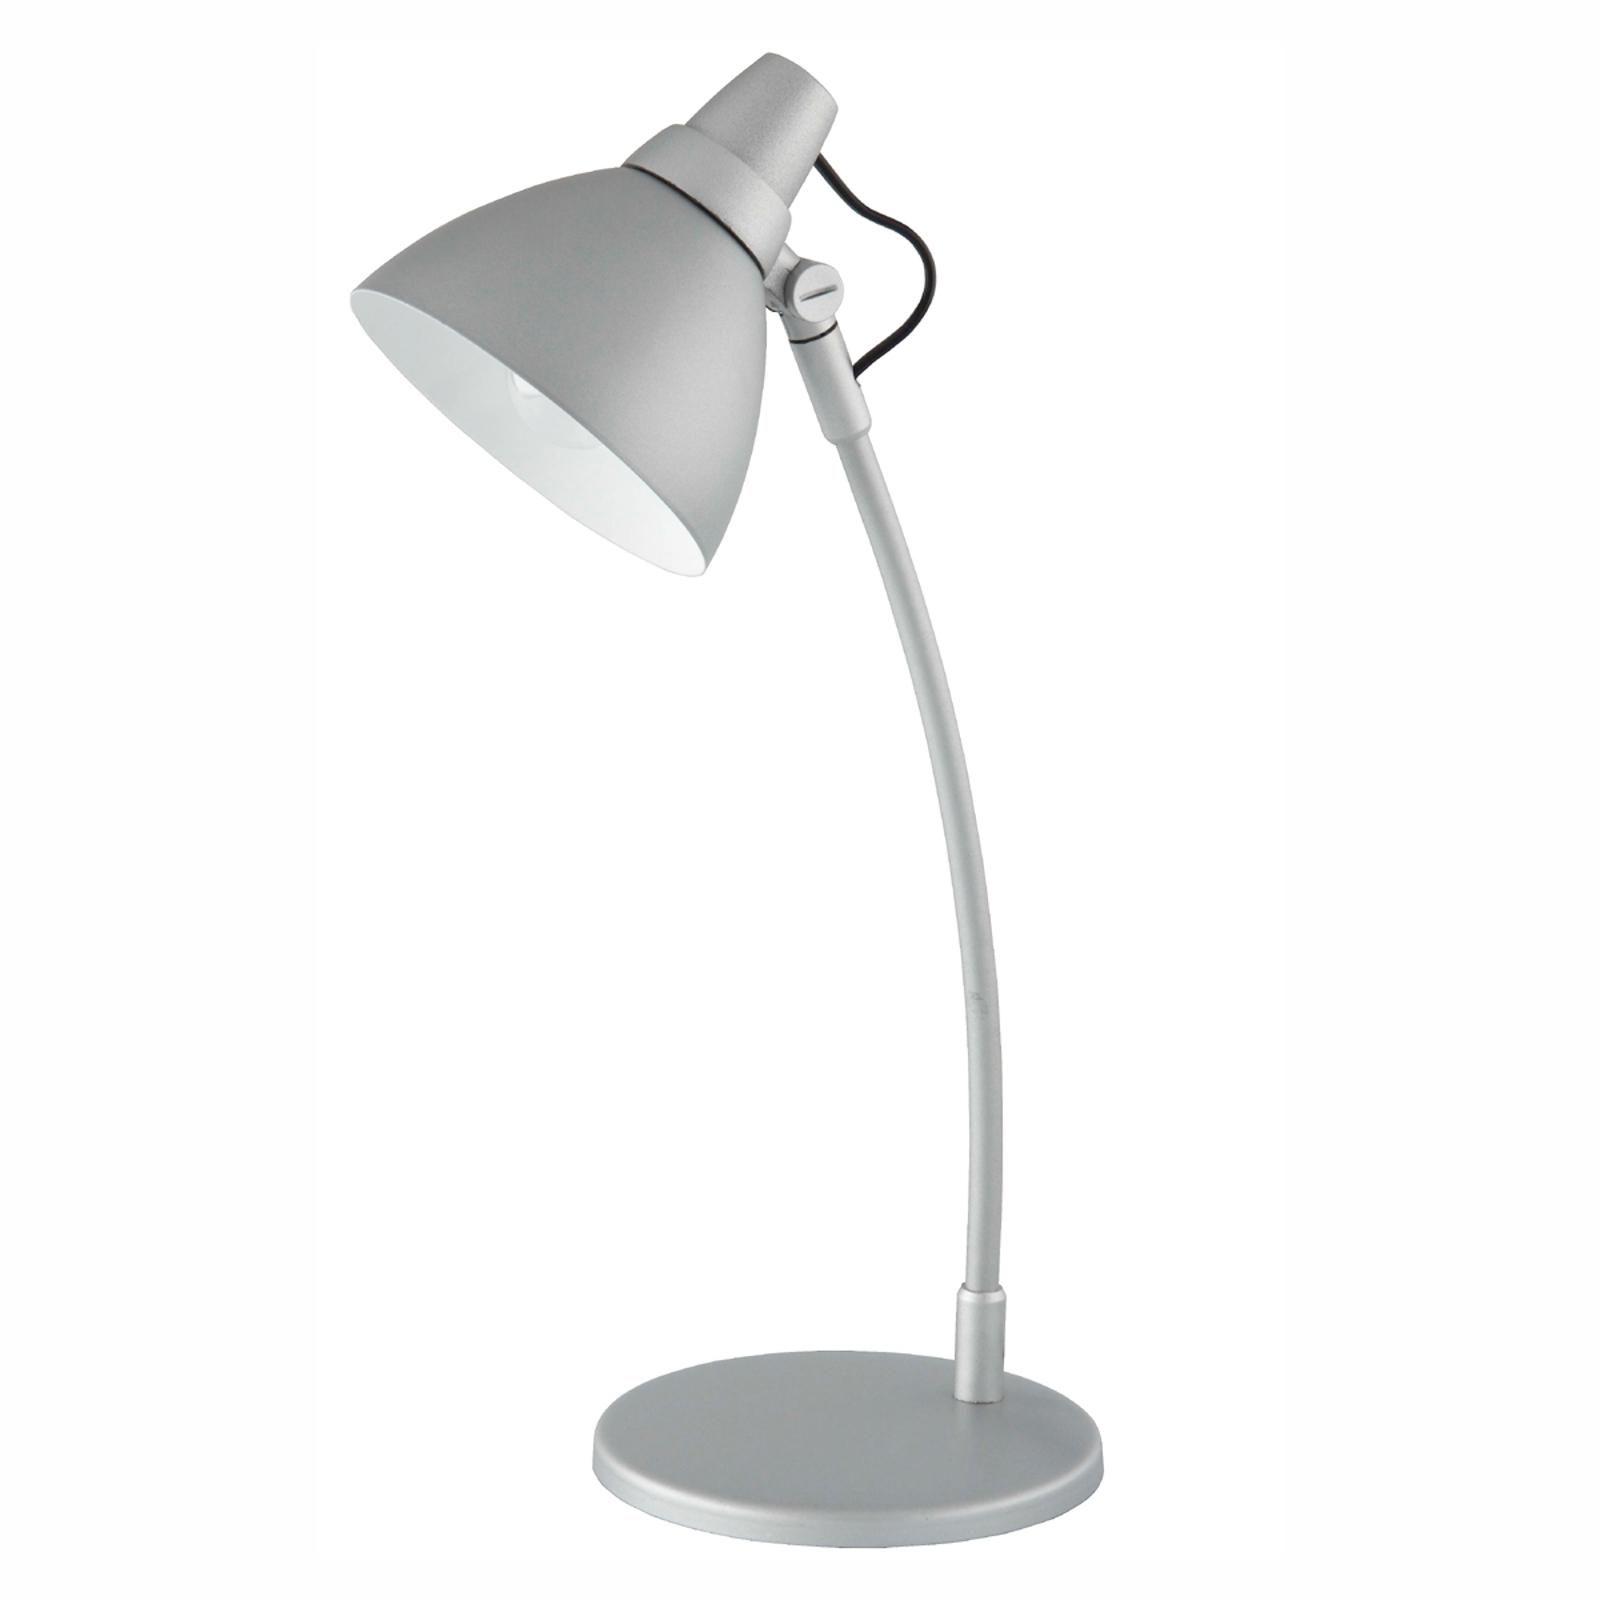 Lampe à poser colorée avec embase Onni grise